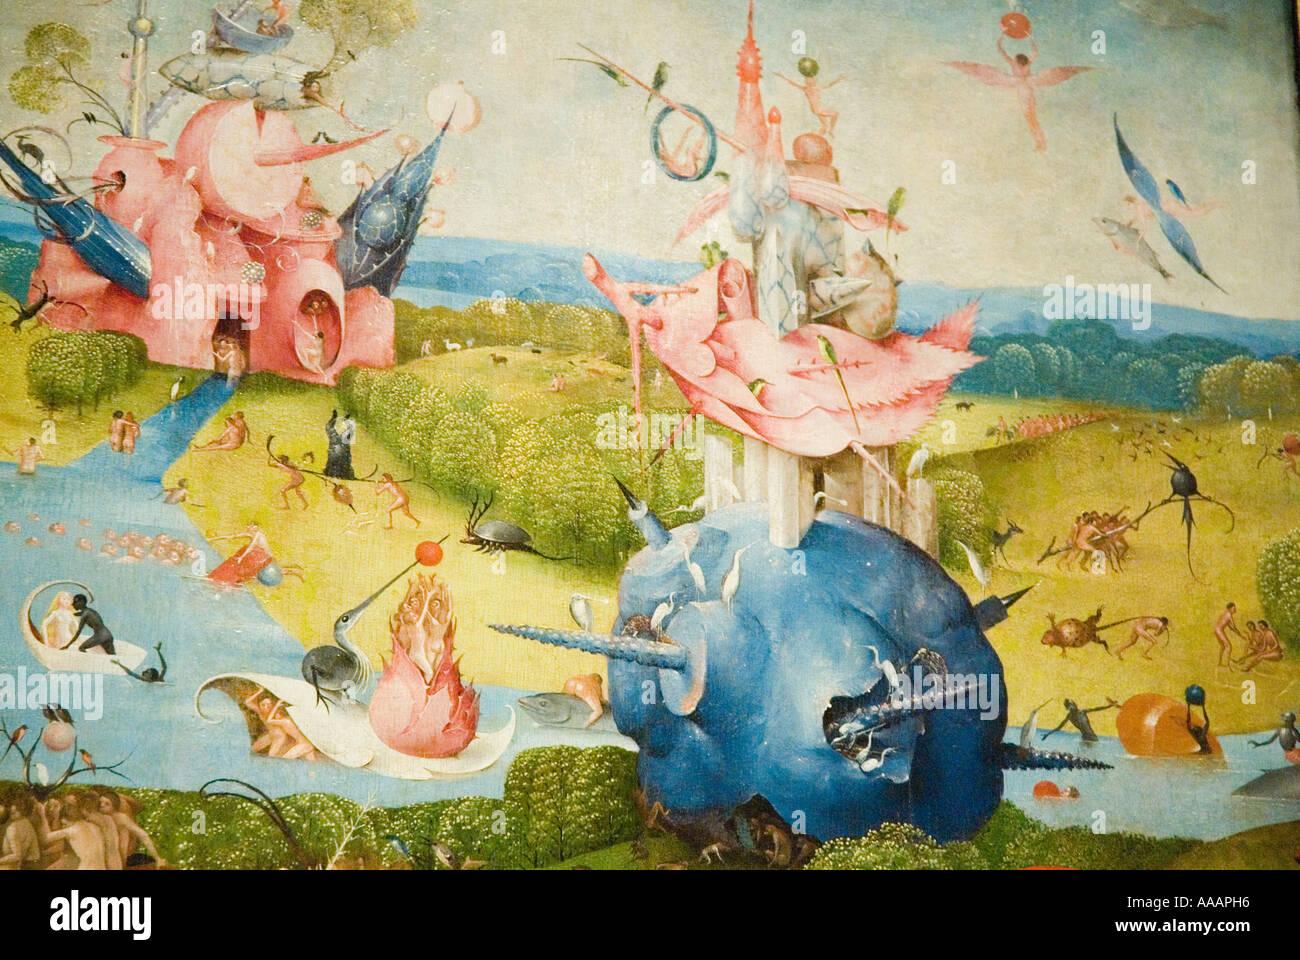 Der Garten Der Luste Von Hieronymus Bosch Malerei Stockfoto Bild